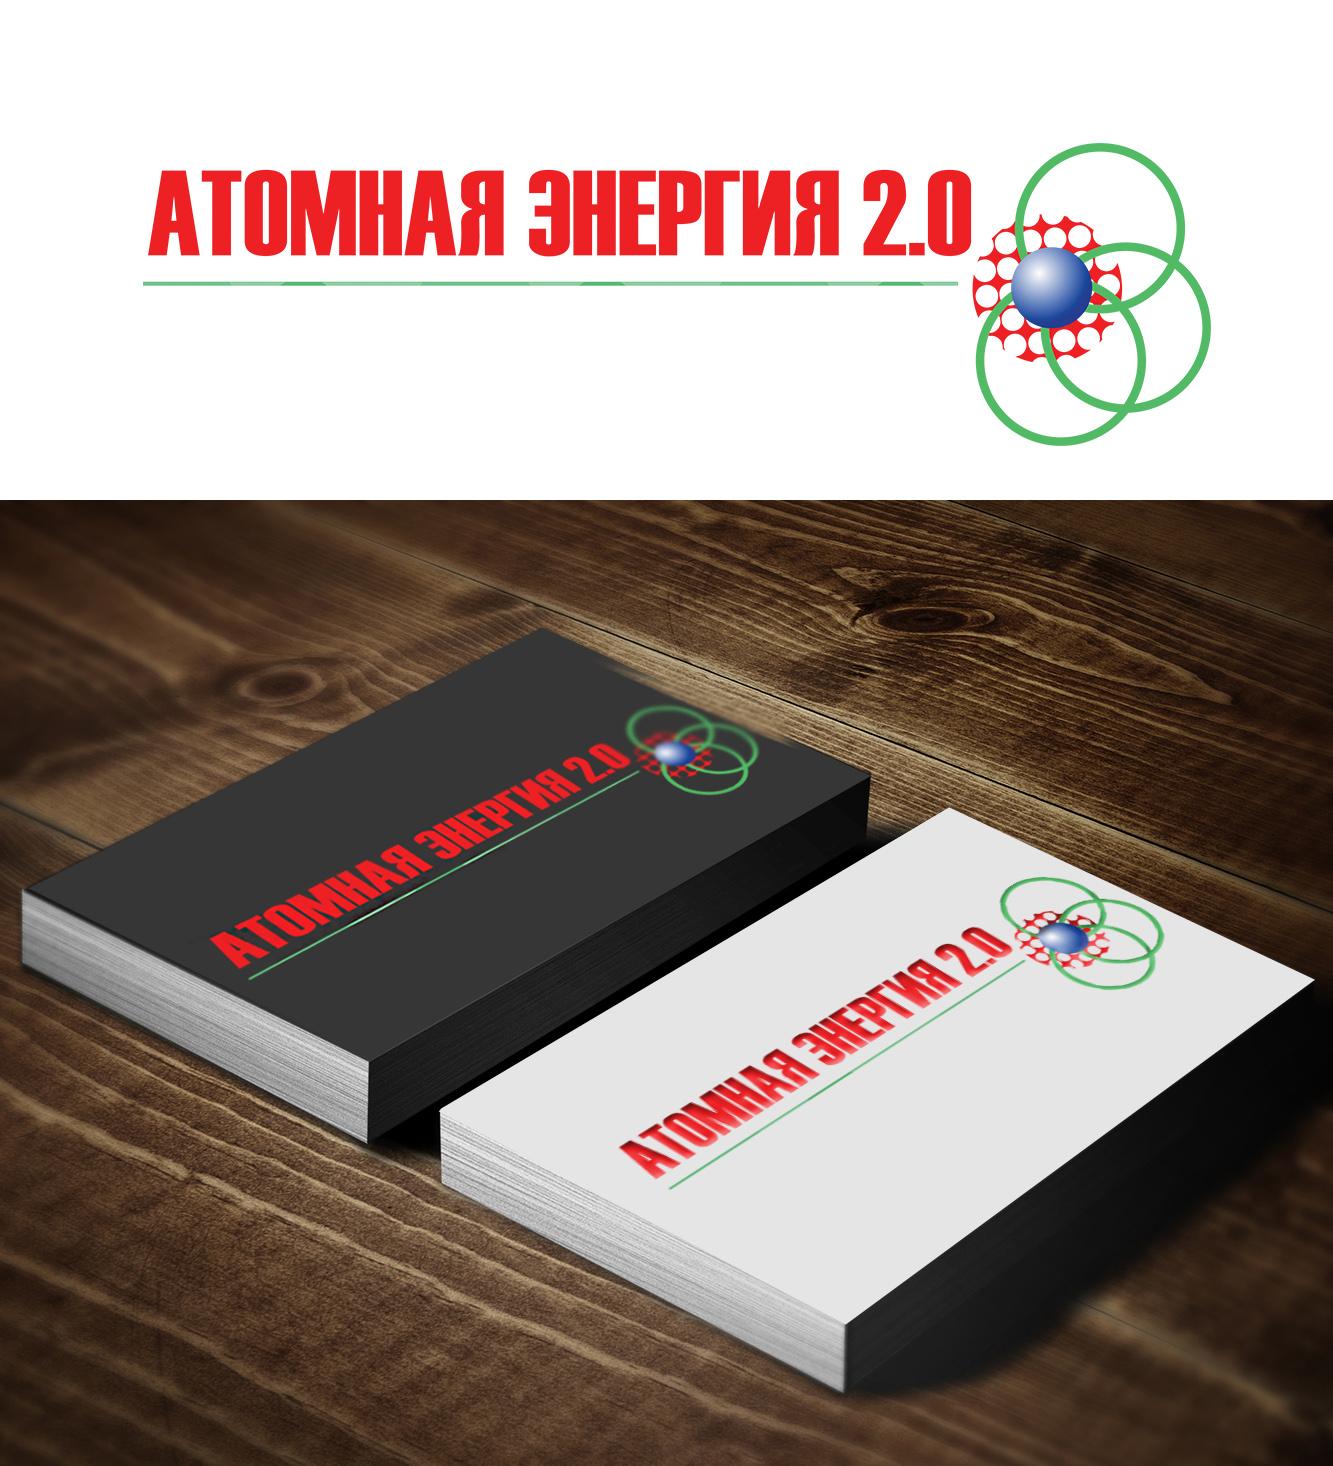 """Фирменный стиль для научного портала """"Атомная энергия 2.0"""" фото f_91259e529cb043d8.jpg"""